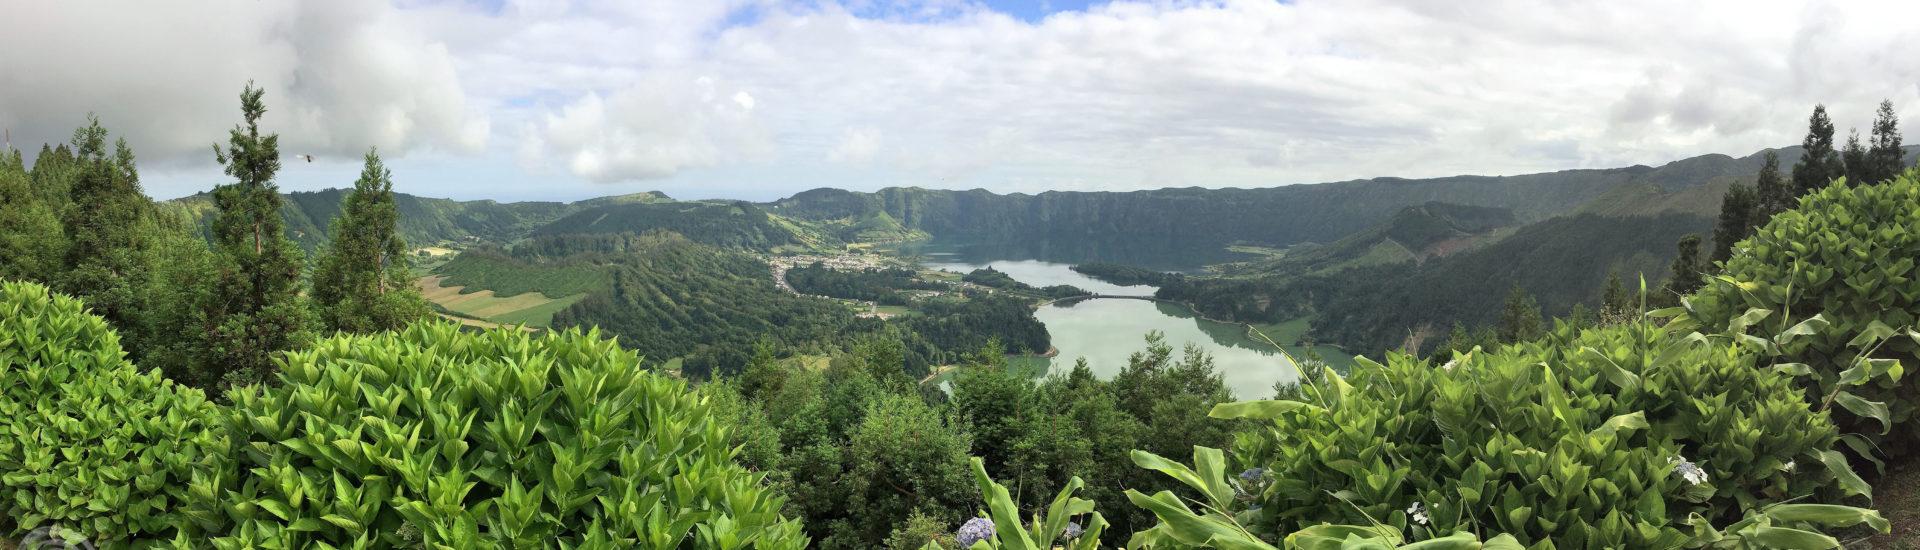 Ir a Sete Cidades en Azores